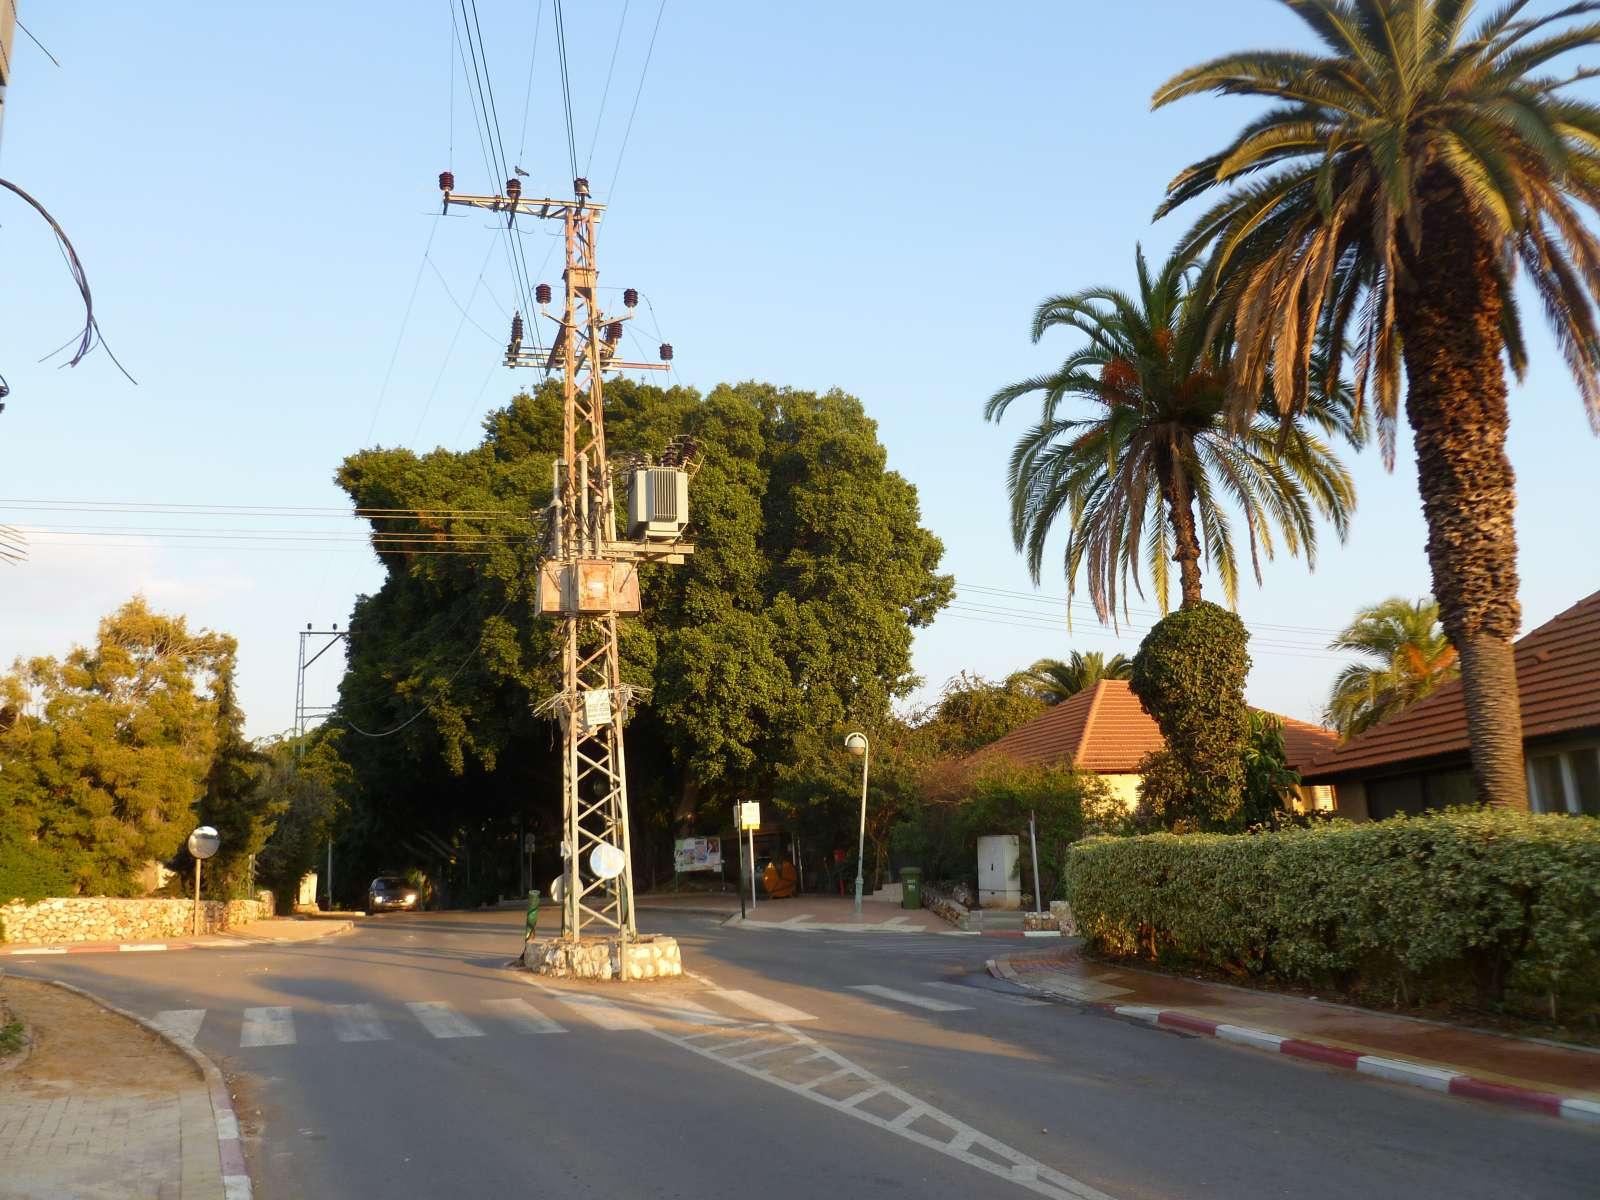 עמוד החשמל המיתולוגי, עמד כאן לפני שהוקם היישוב, הורד ב- צילם גונן ישר